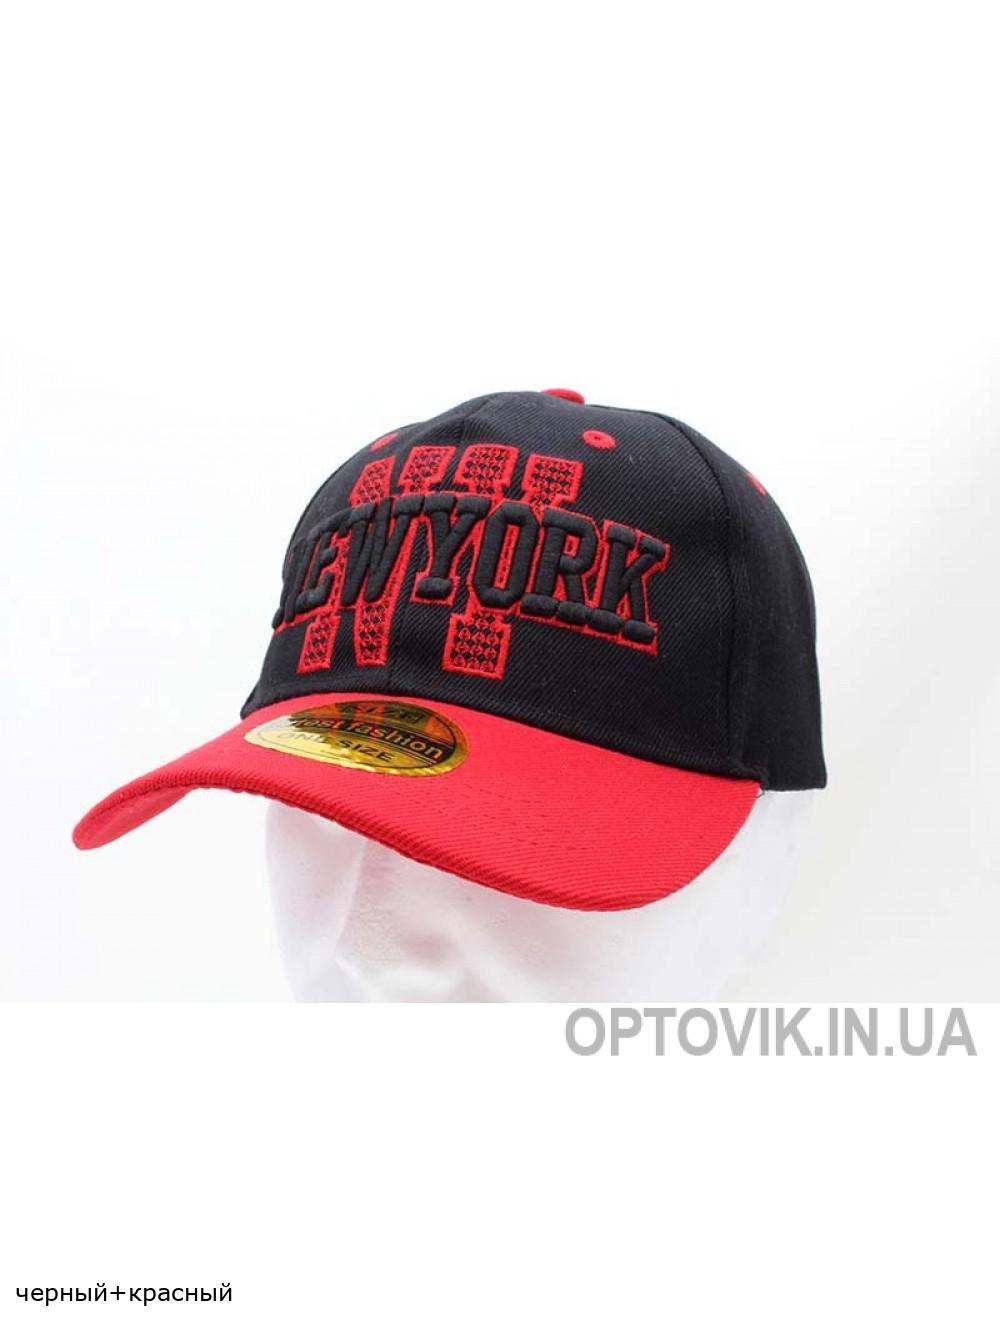 Rap - sp00132